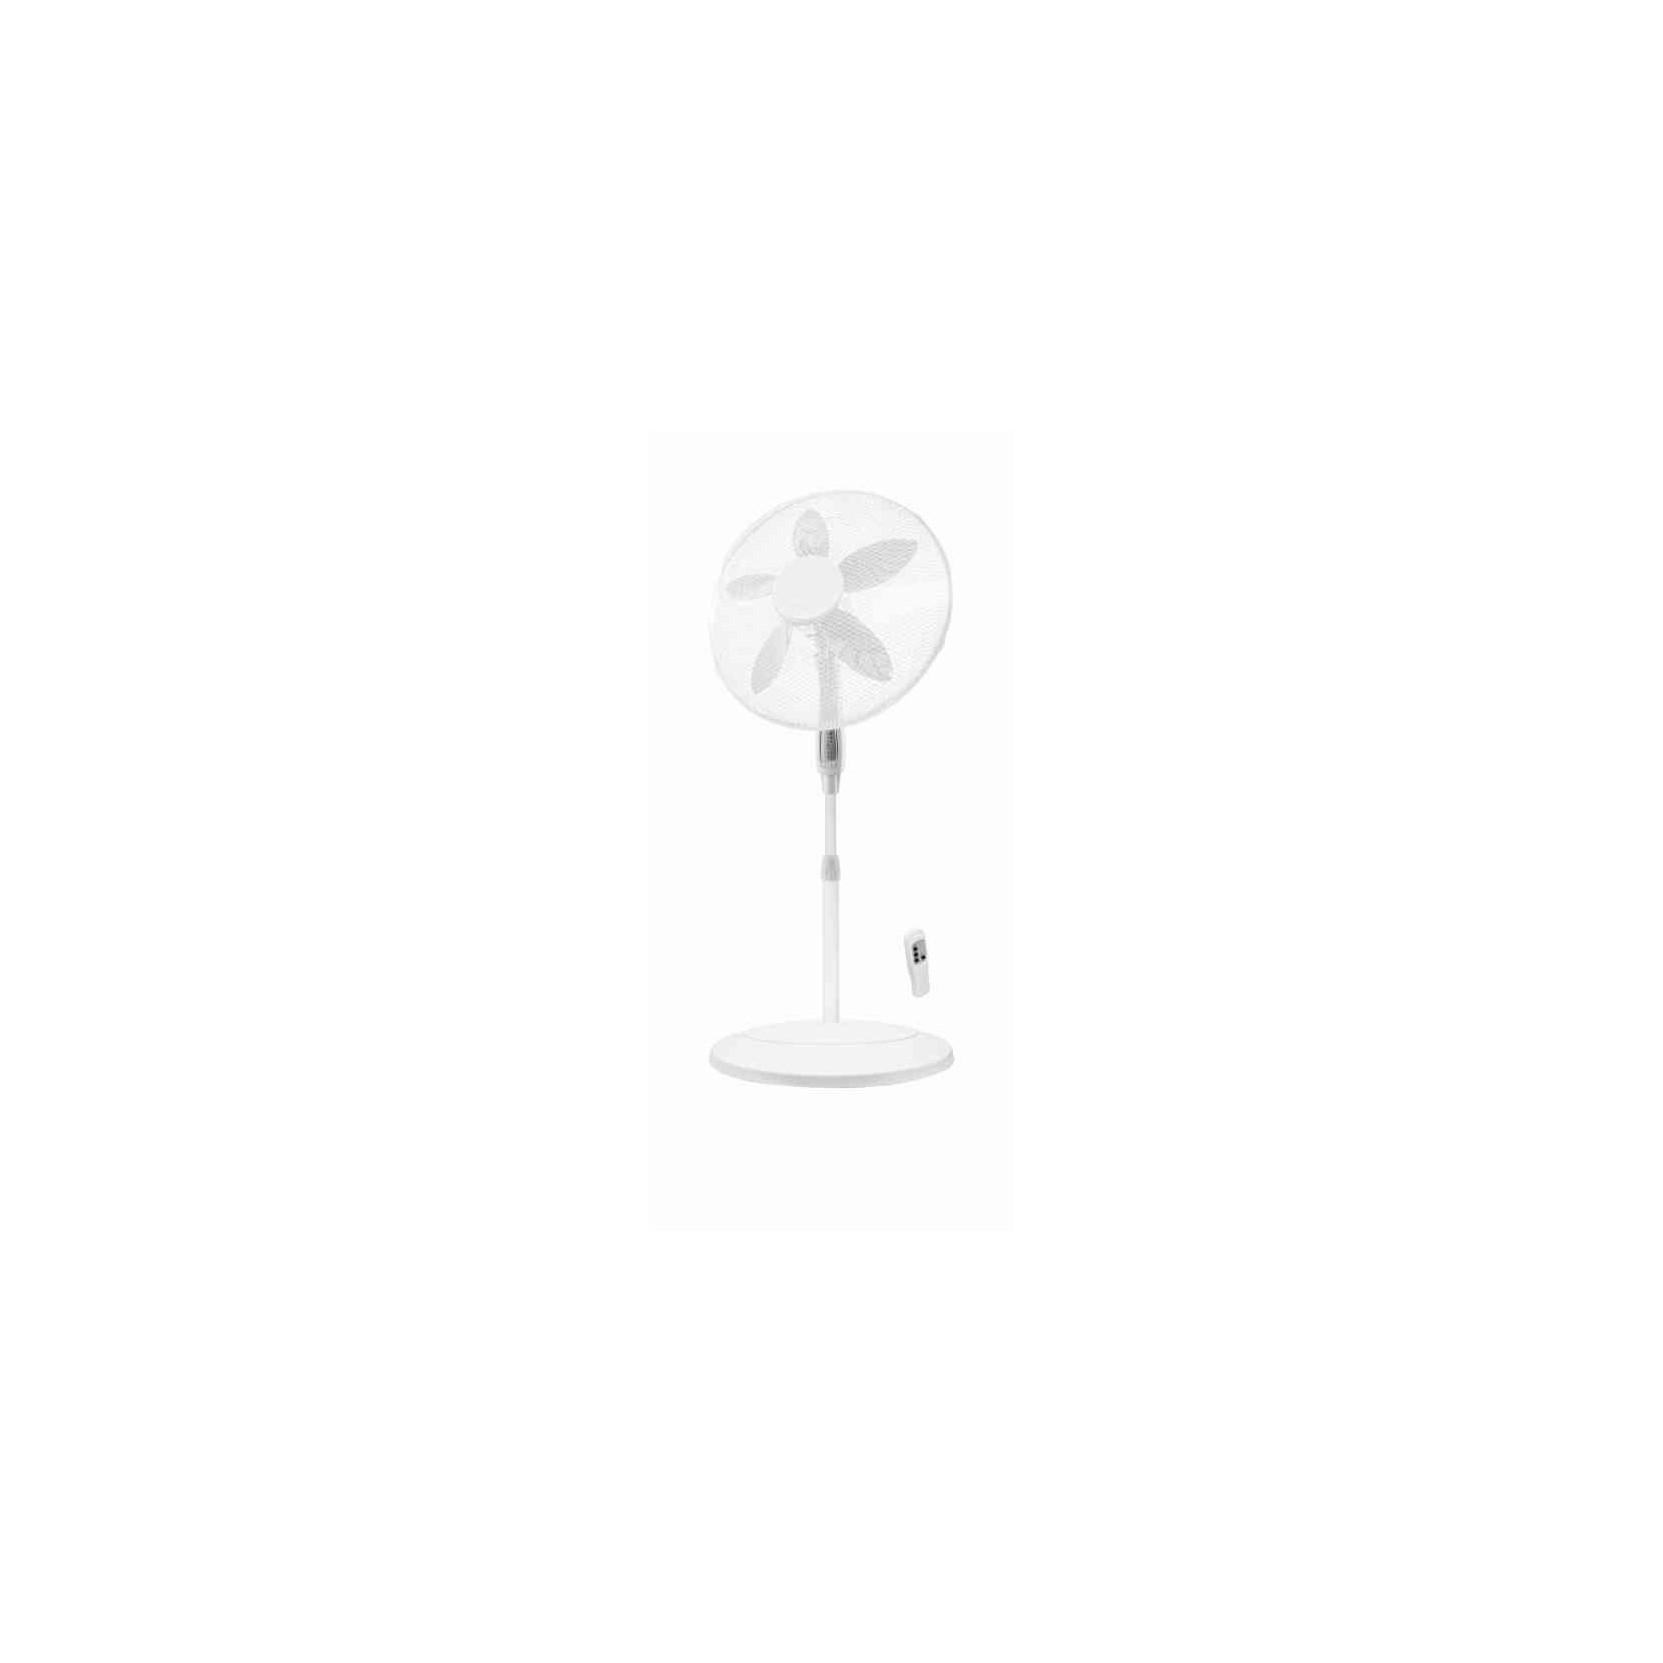 Ventilatore piantana cfg ev009 con c telecomando for Ventilatore da soffitto silenzioso